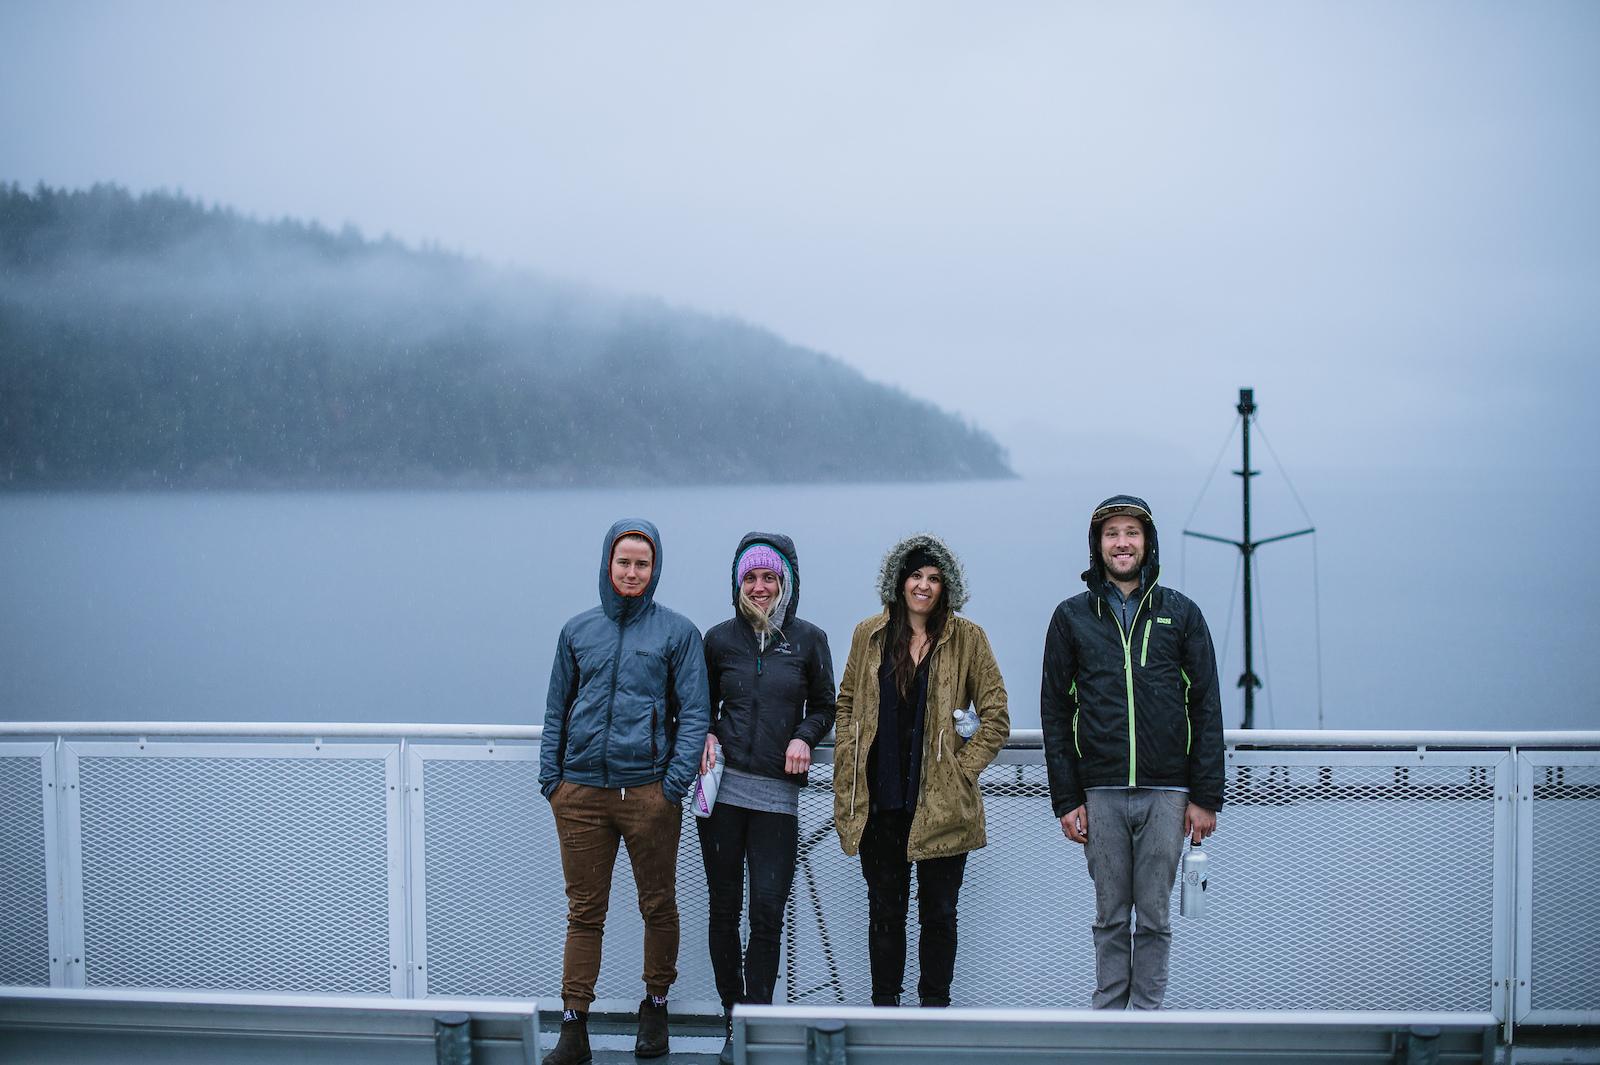 Sunshince Coast trip images by Danielle Baker and Paris Gore.